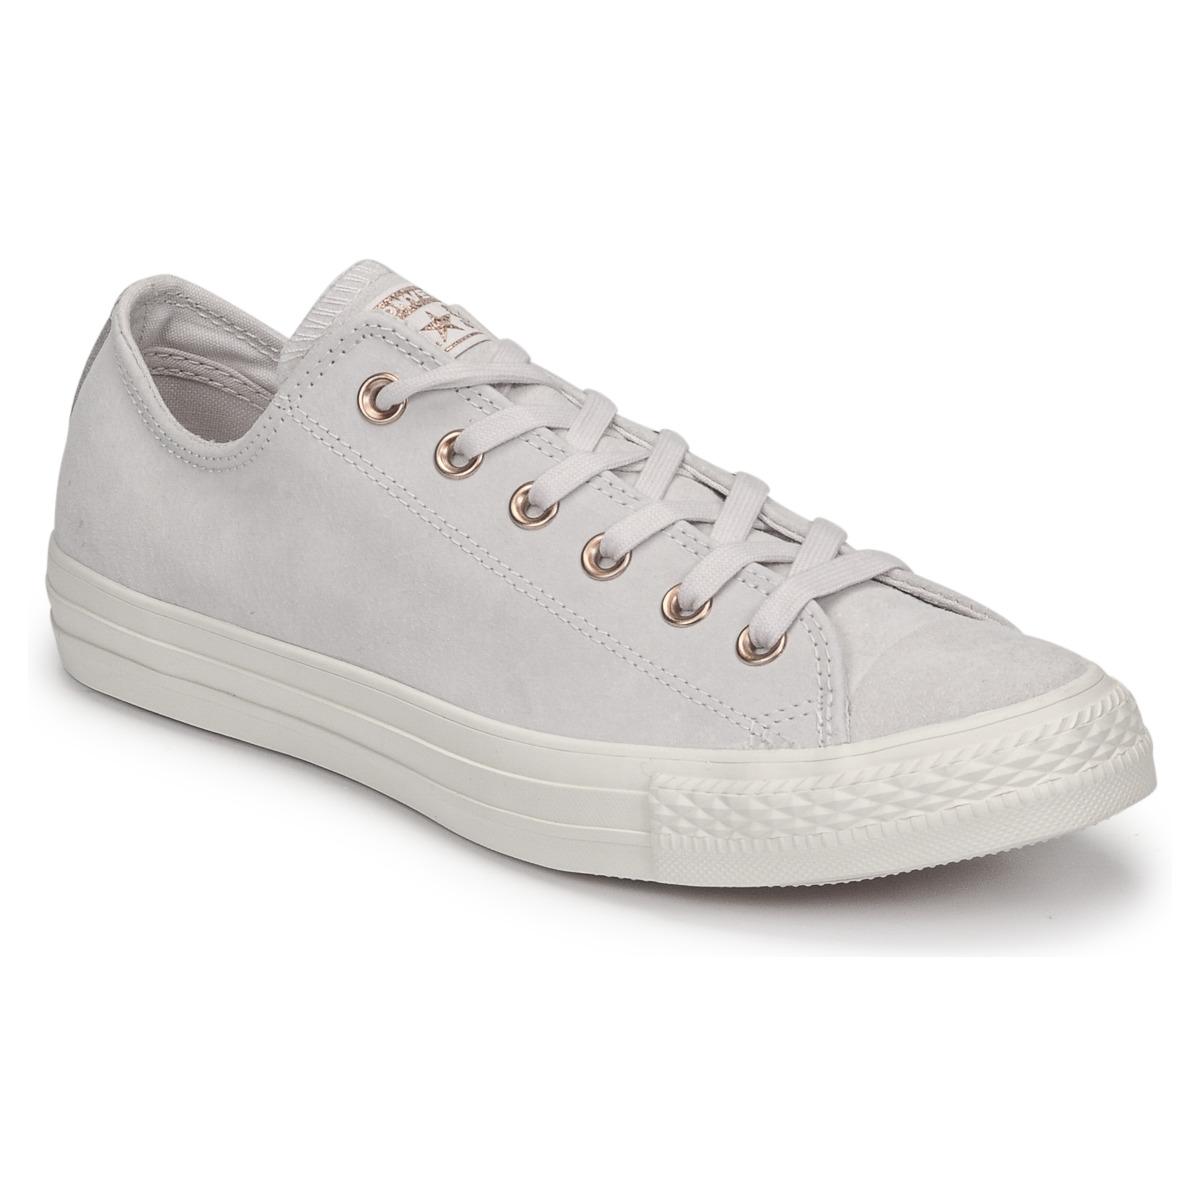 Converse Chuck Taylor All Star-Ox Rose / Weiss - Kostenloser Versand bei Spartoode ! - Schuhe Sneaker Low Damen 89,99 €